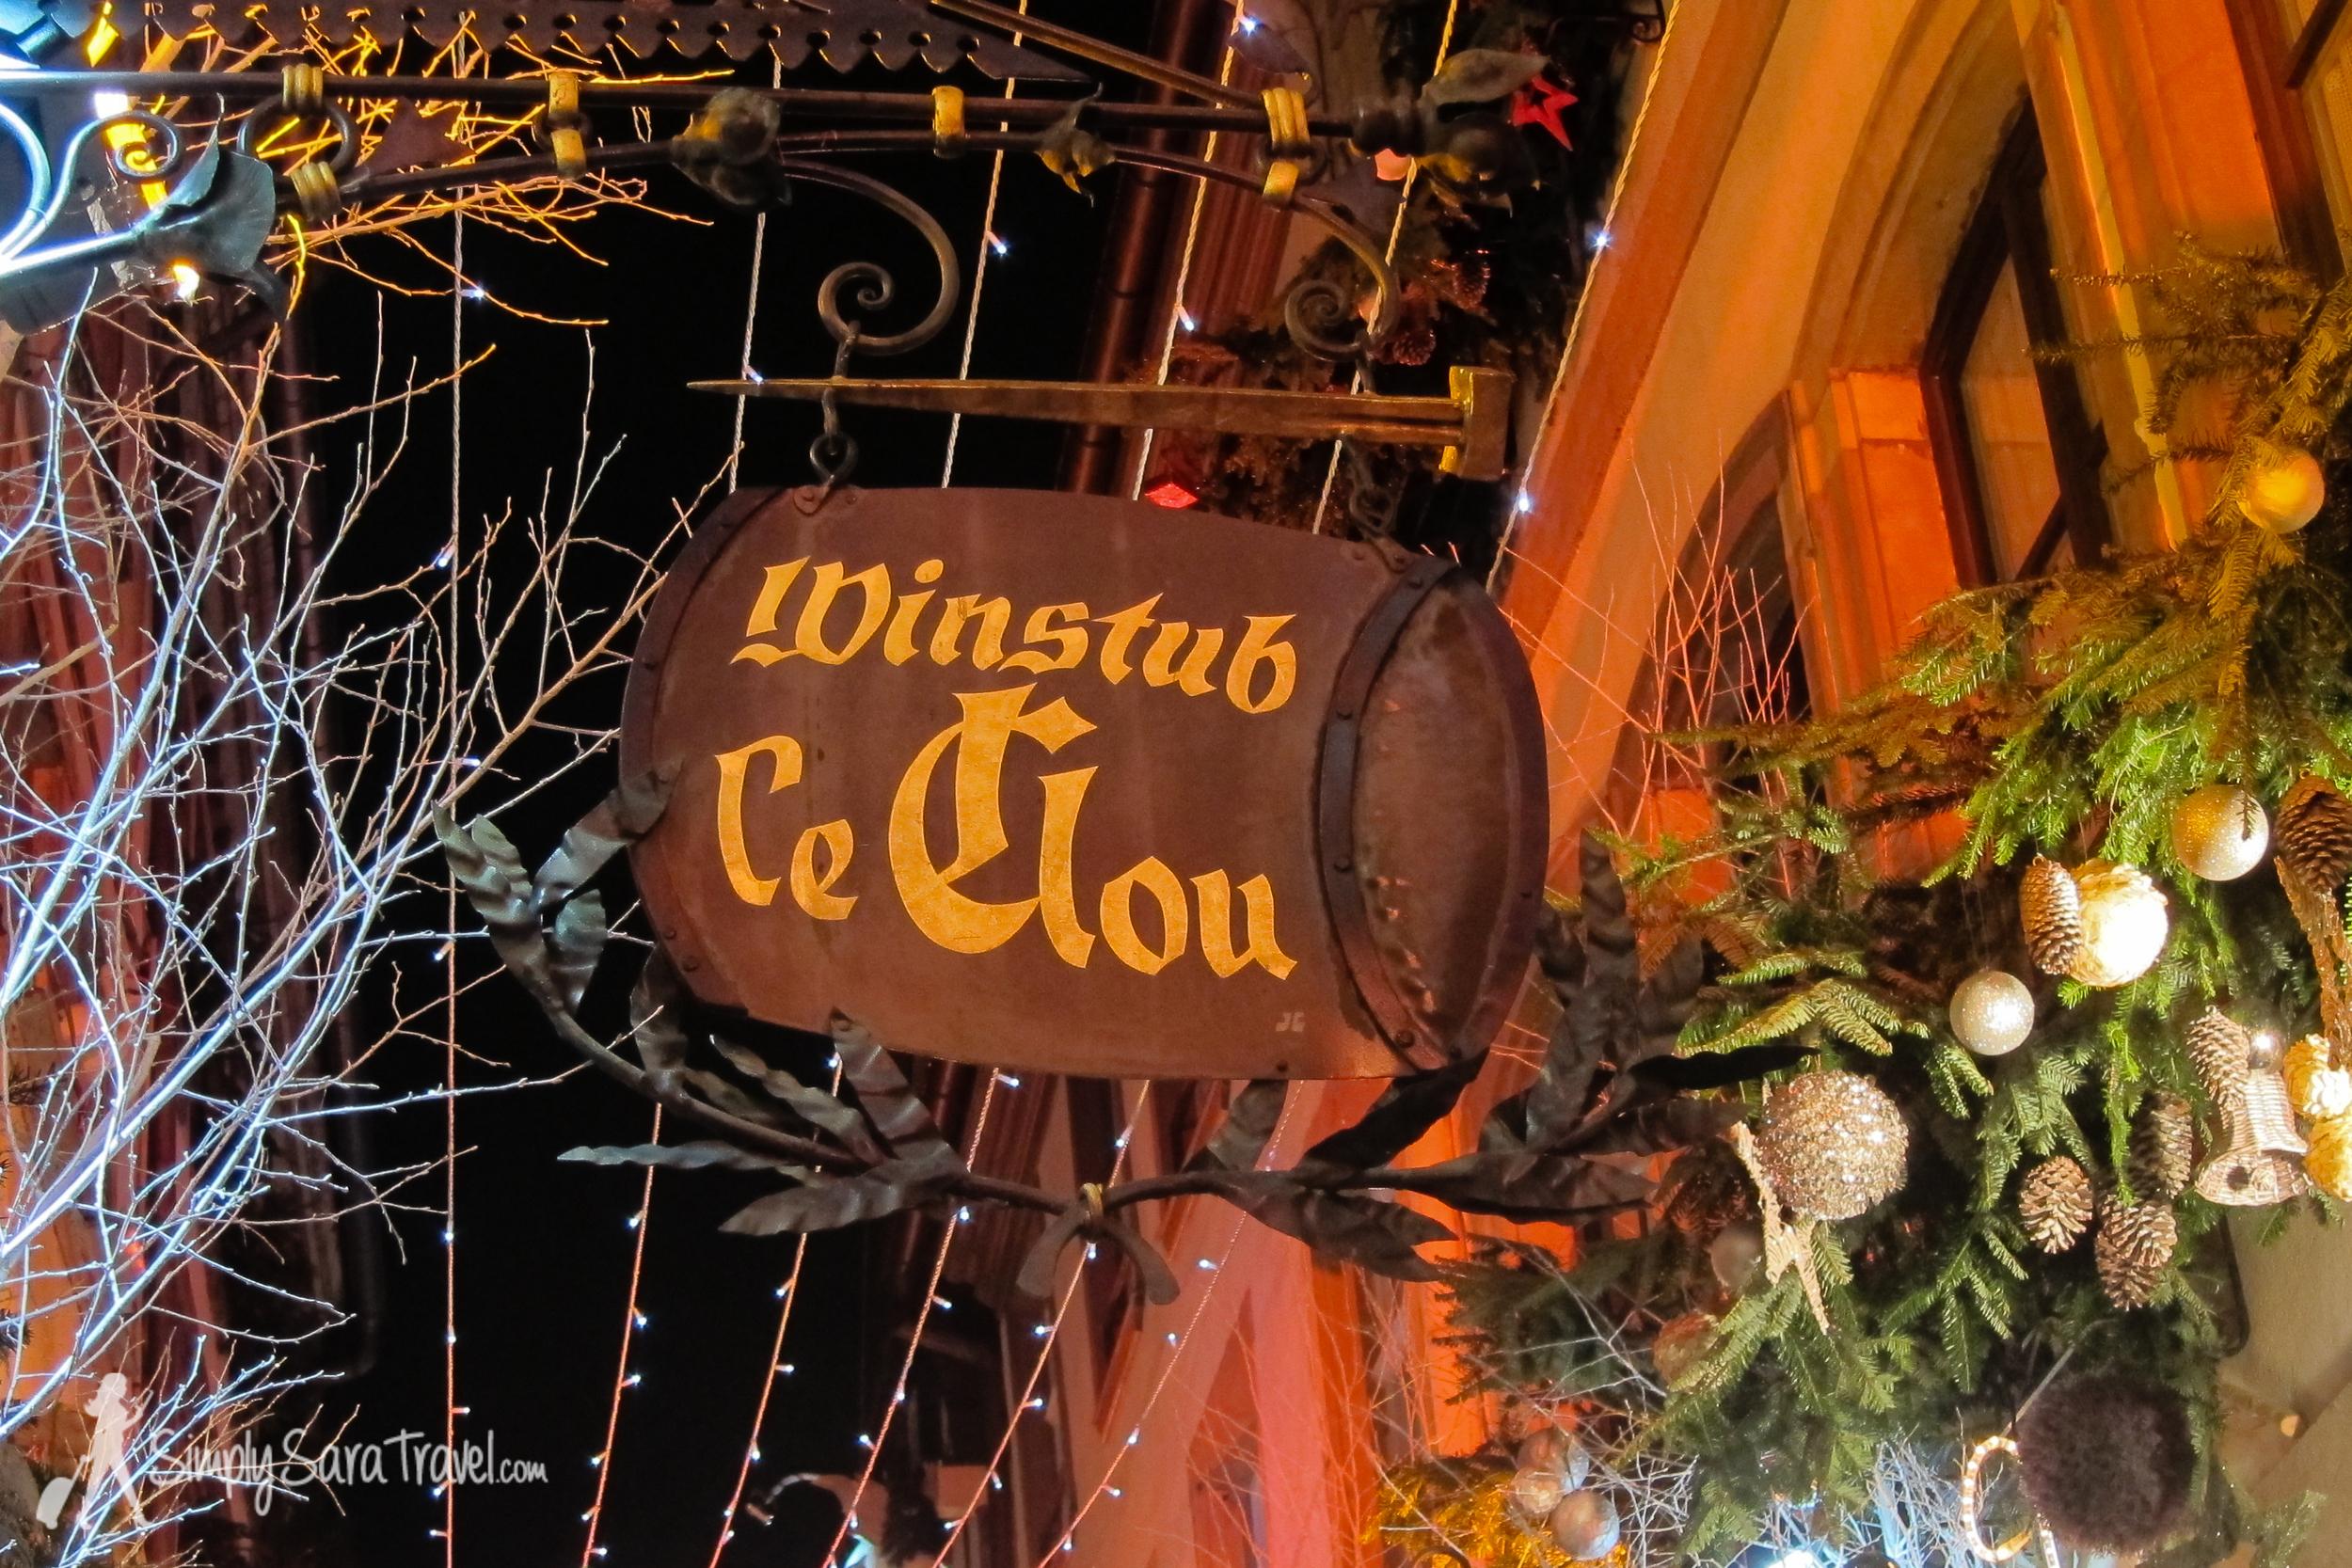 Winstub le Clou in Strasbourg, France